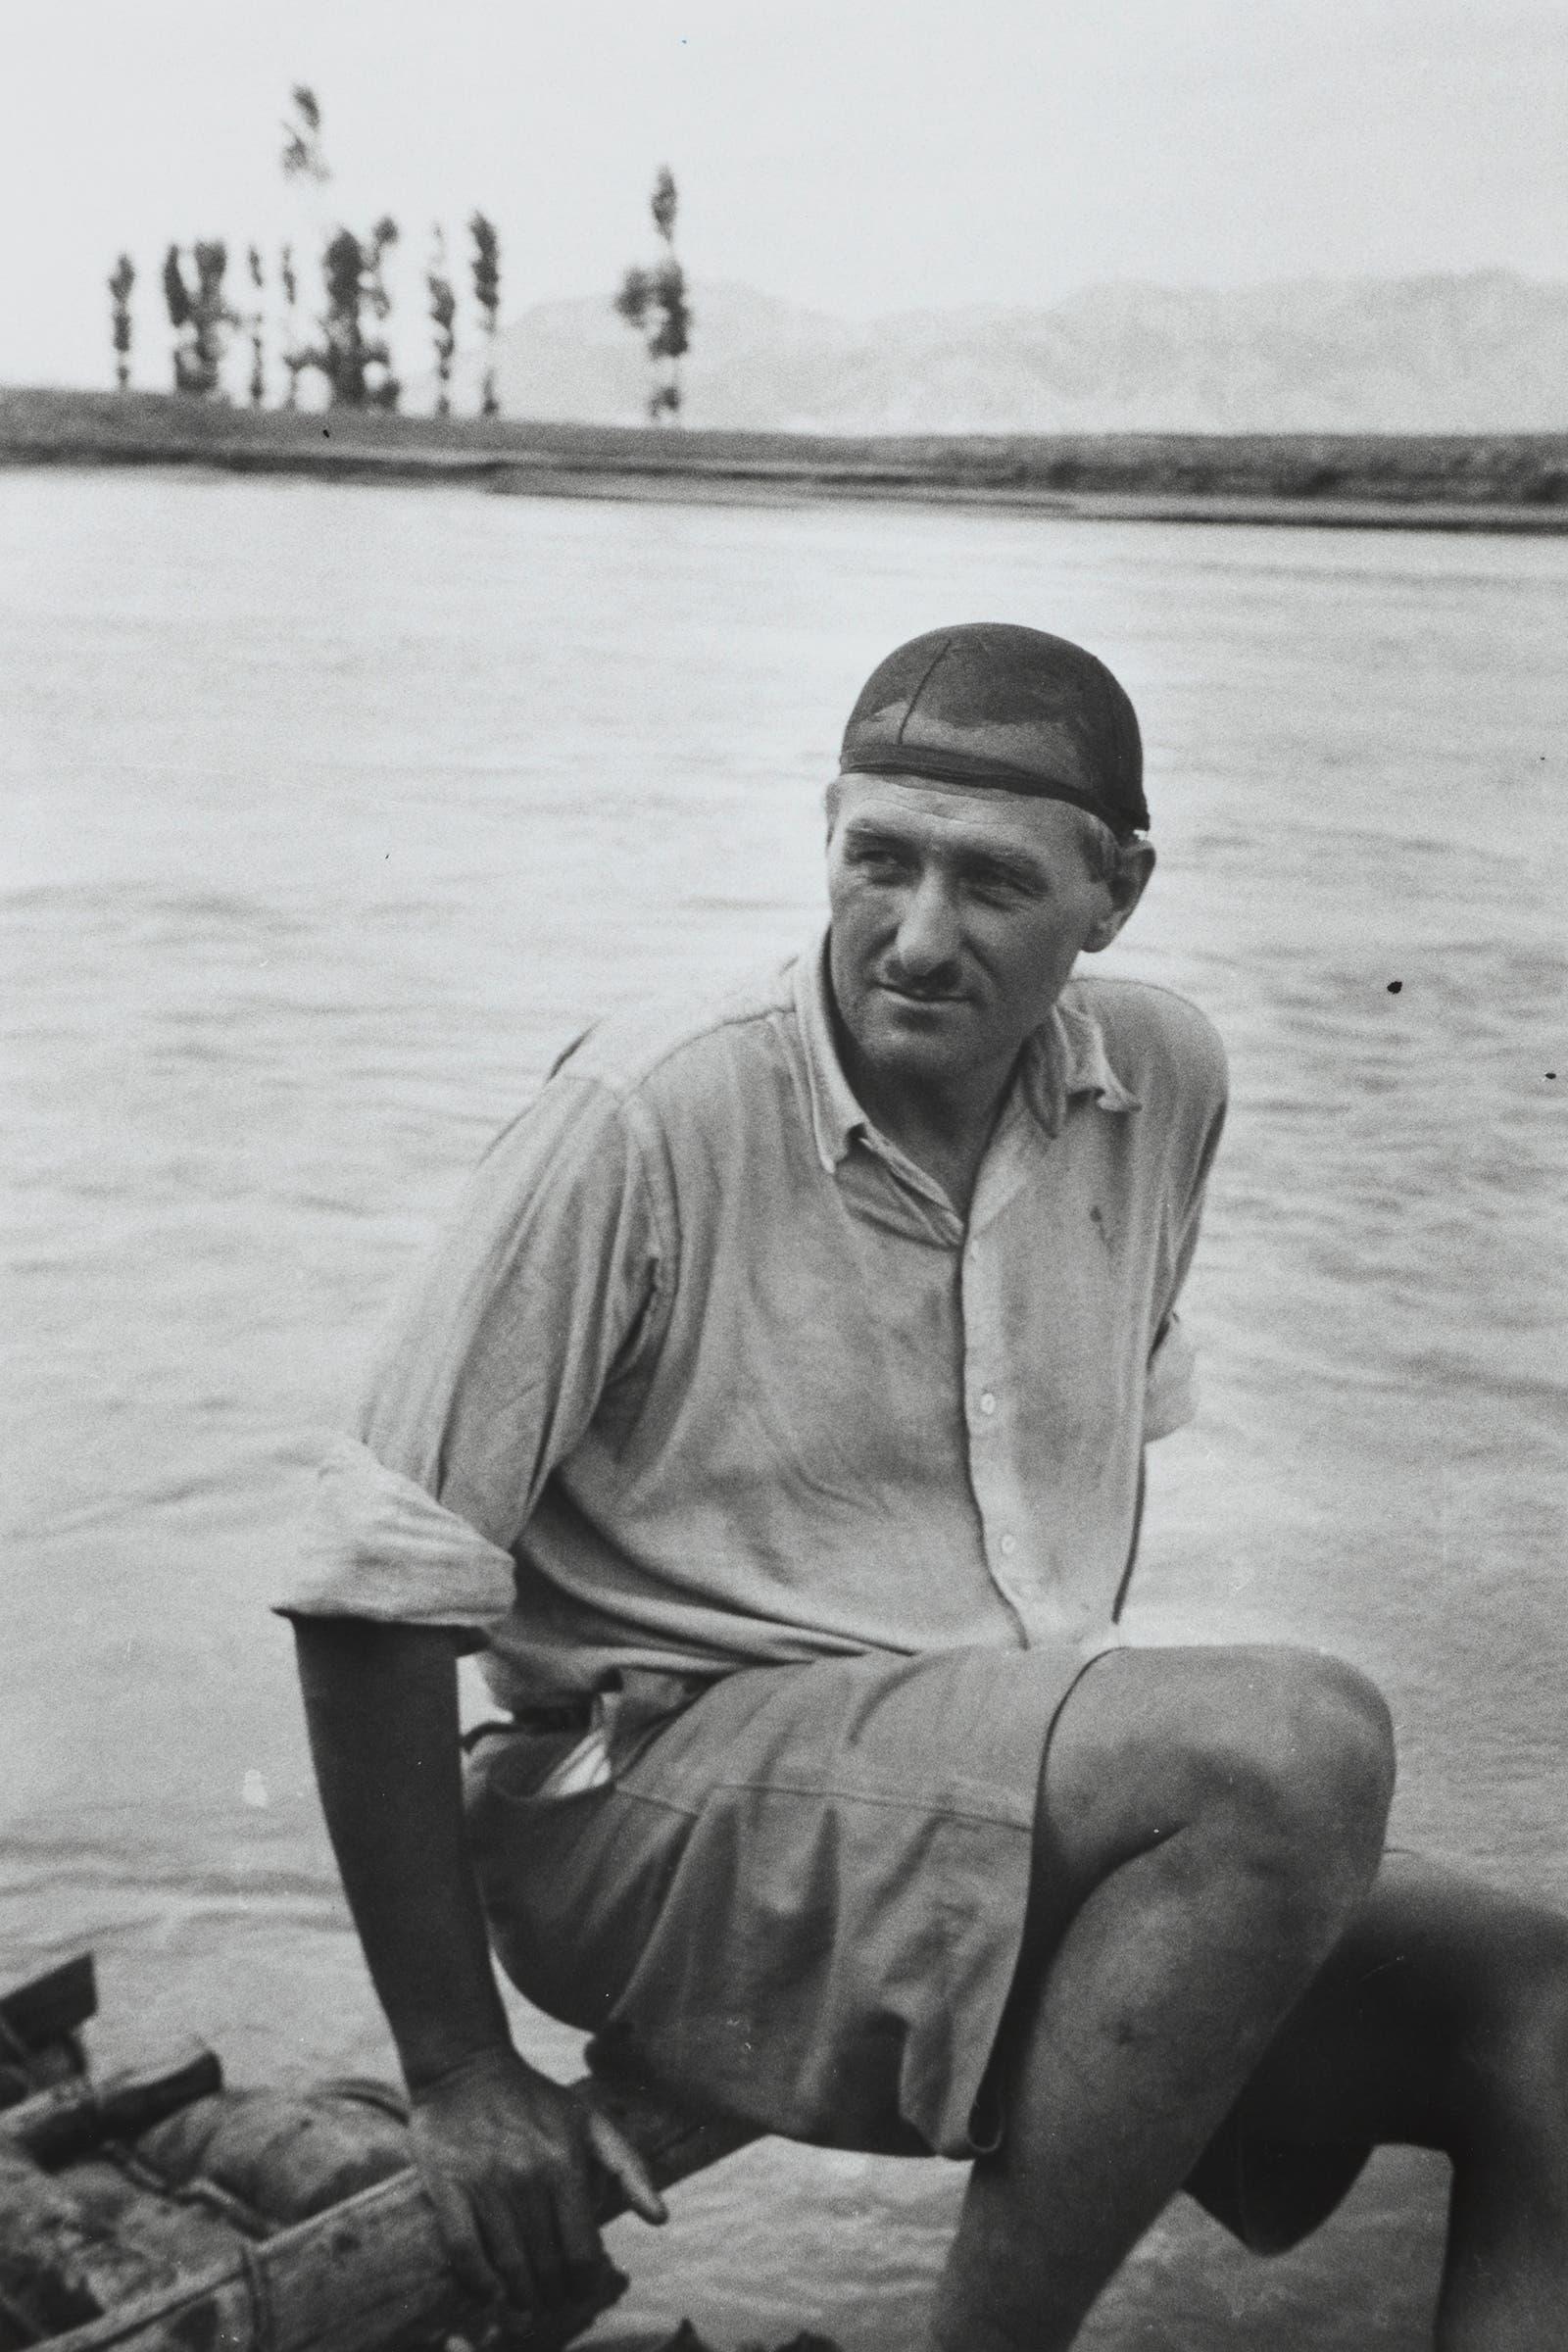 Walter Bosshard 1933 bei einer Flossfahrt in China. Fotostiftung Schweiz